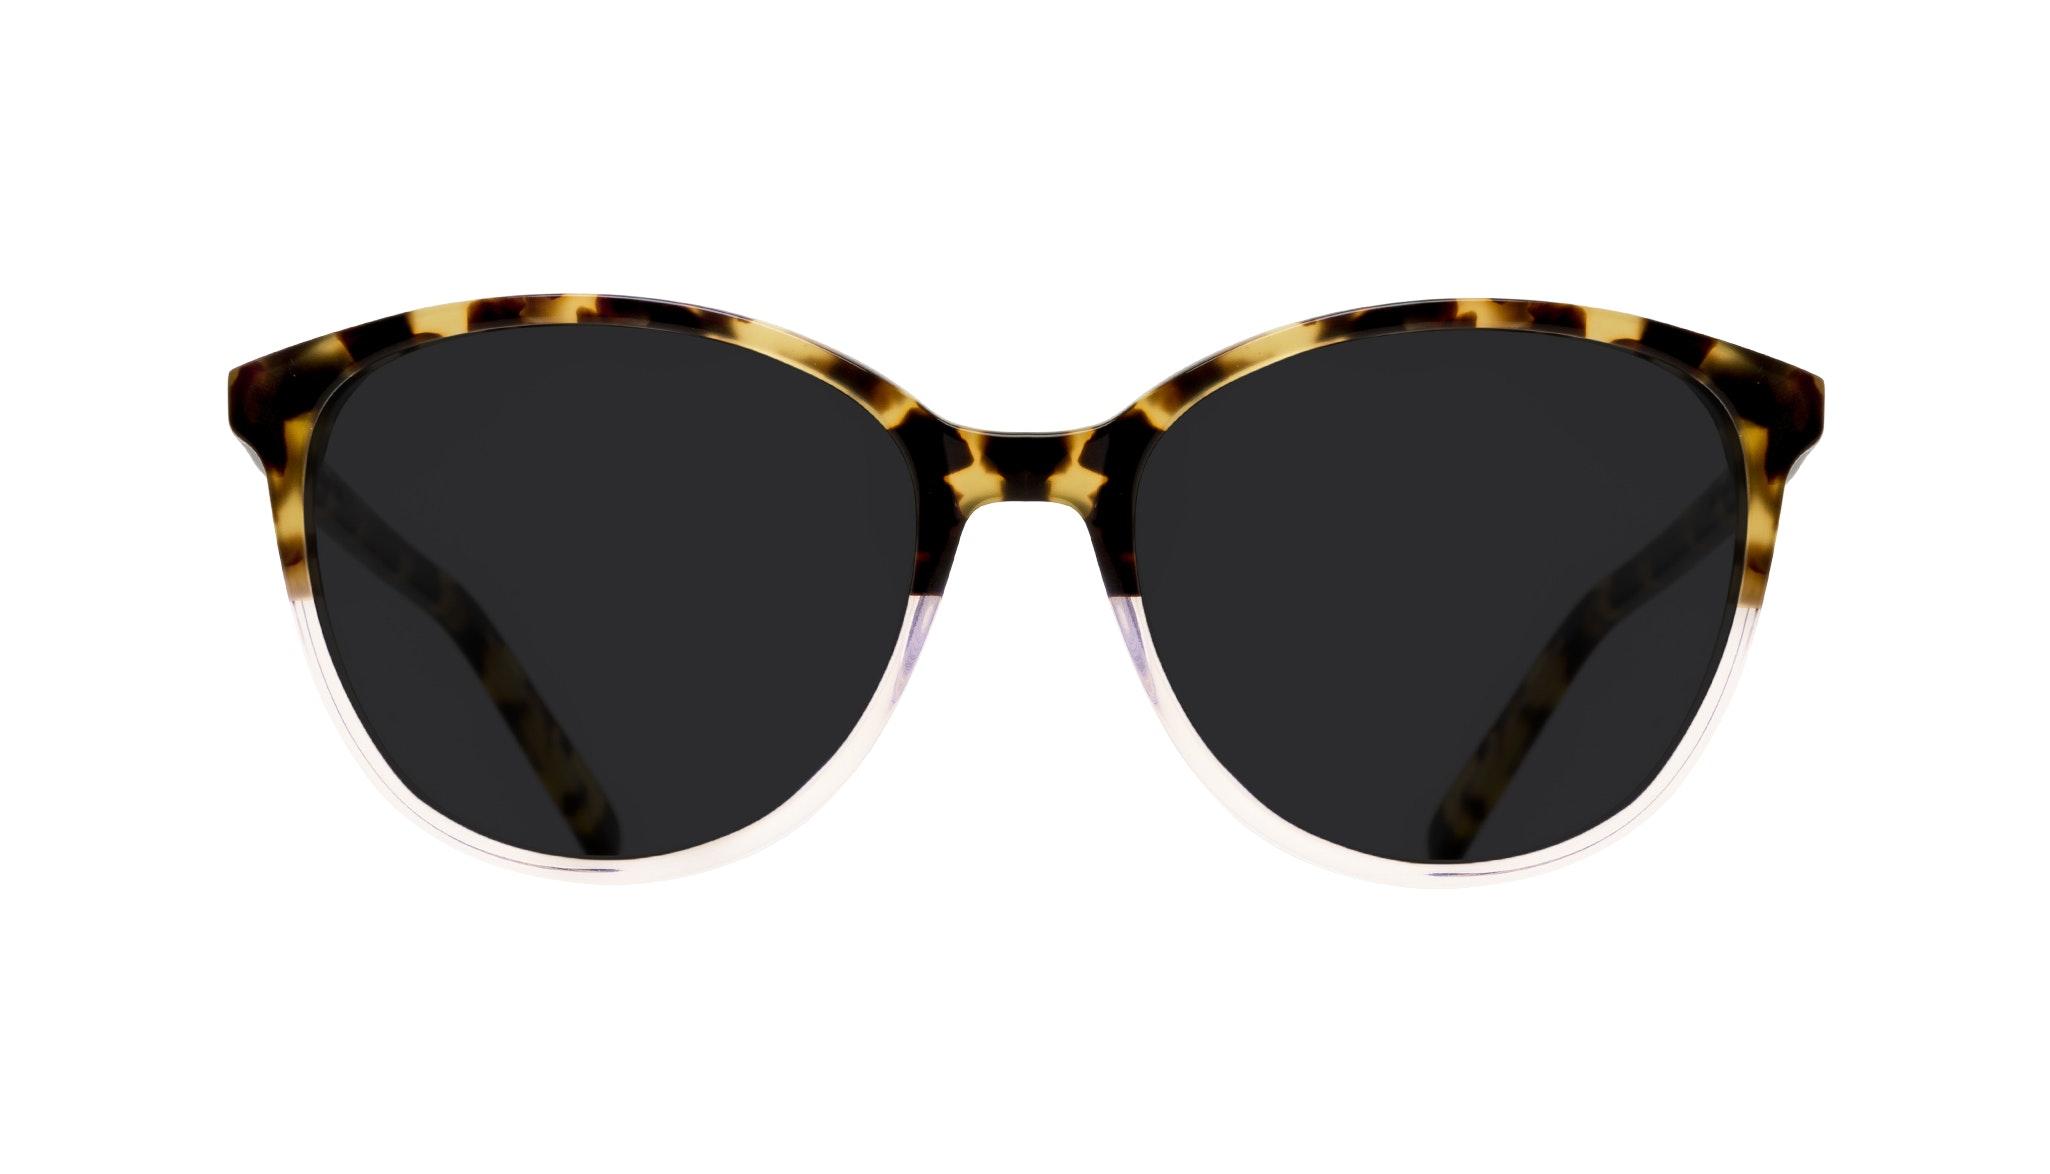 Lunettes tendance Oeil de chat Ronde Lunettes solaires Femmes Imagine Blond Tort